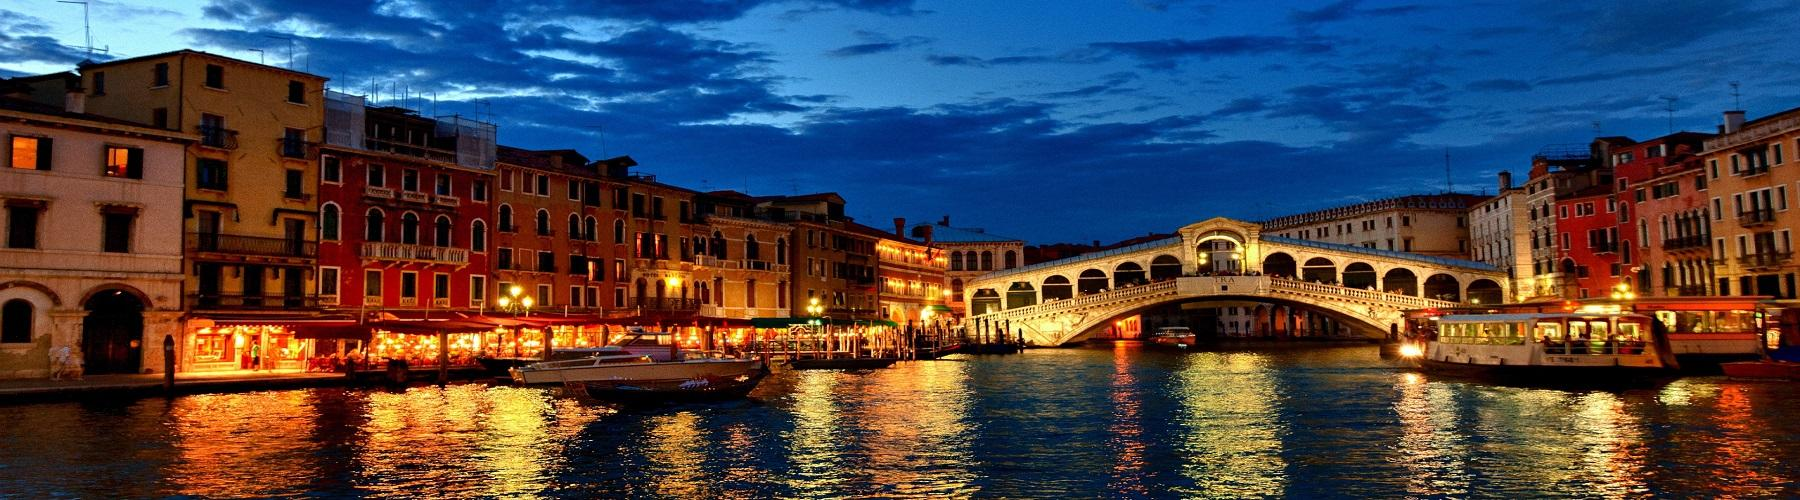 Самостоятельно путешествовать по Италии